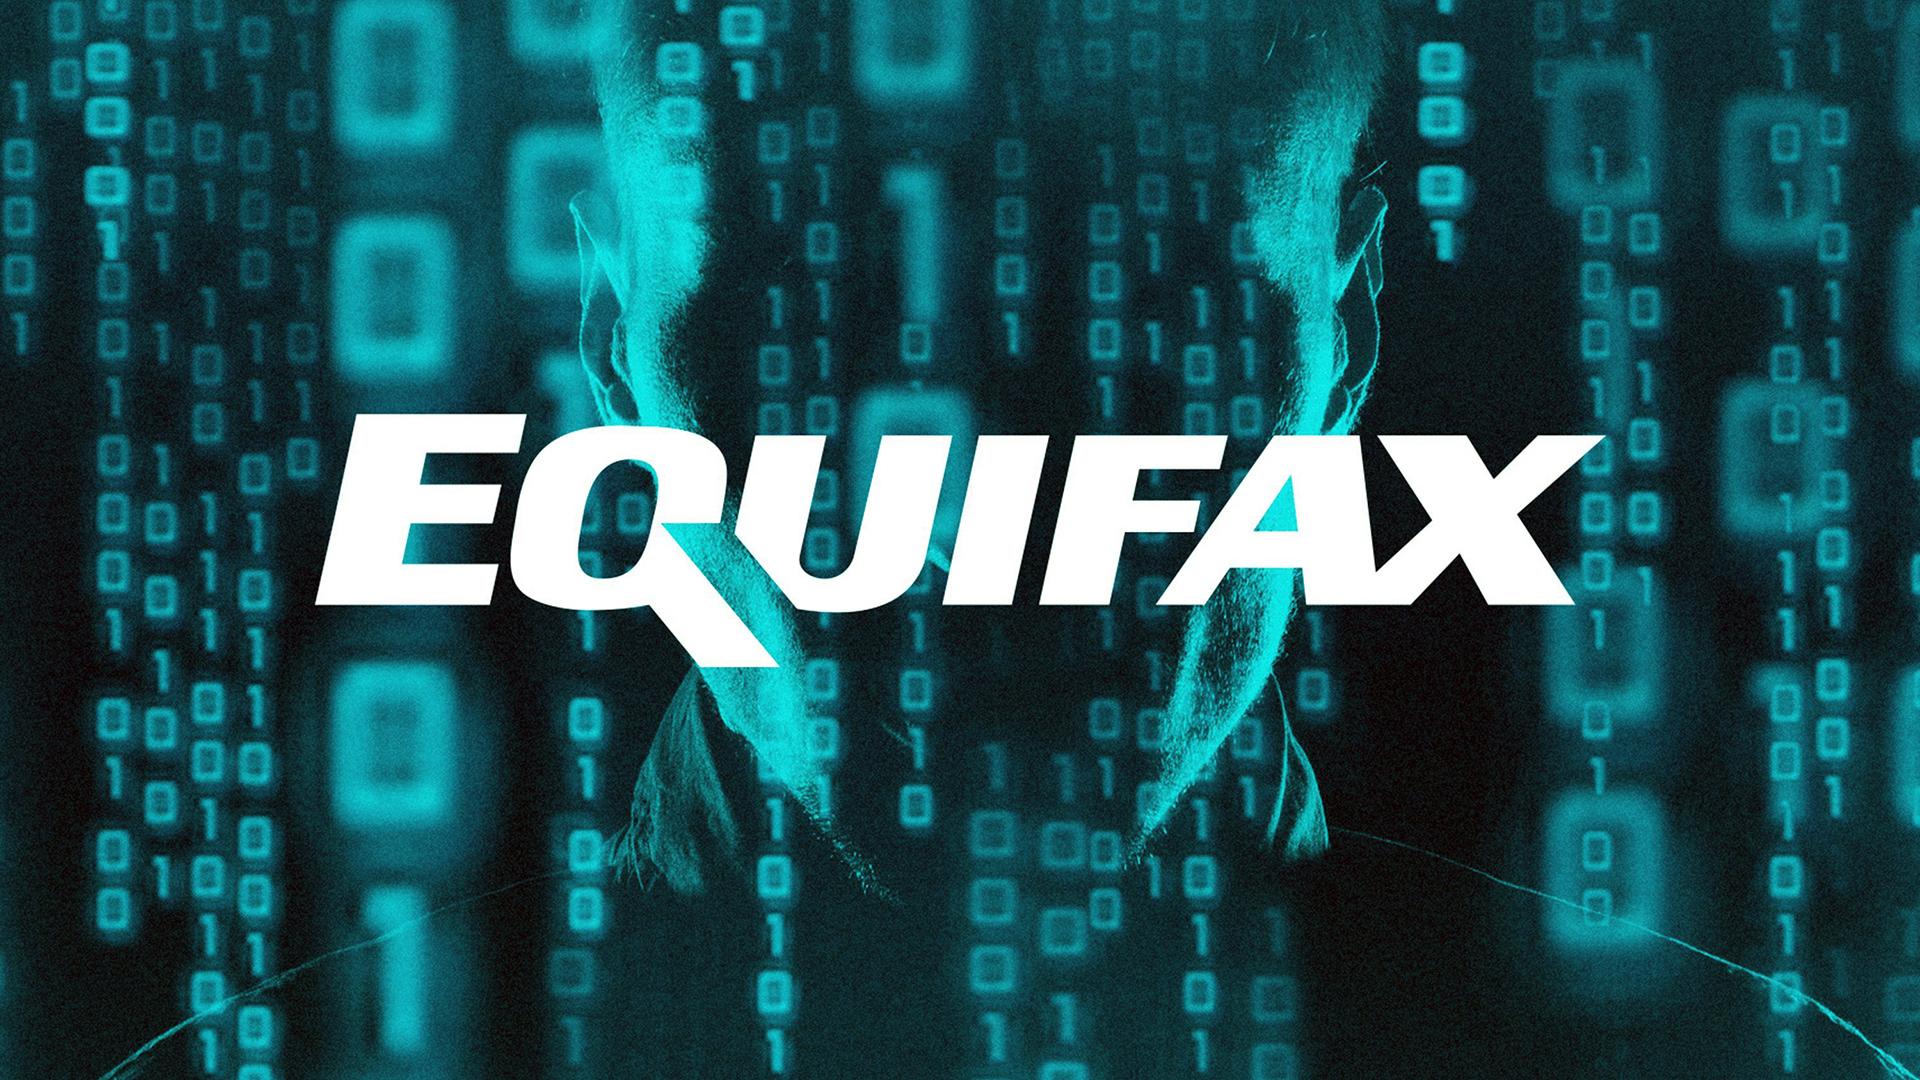 Equifax data breach CNN graphic-159532.jpg68179991